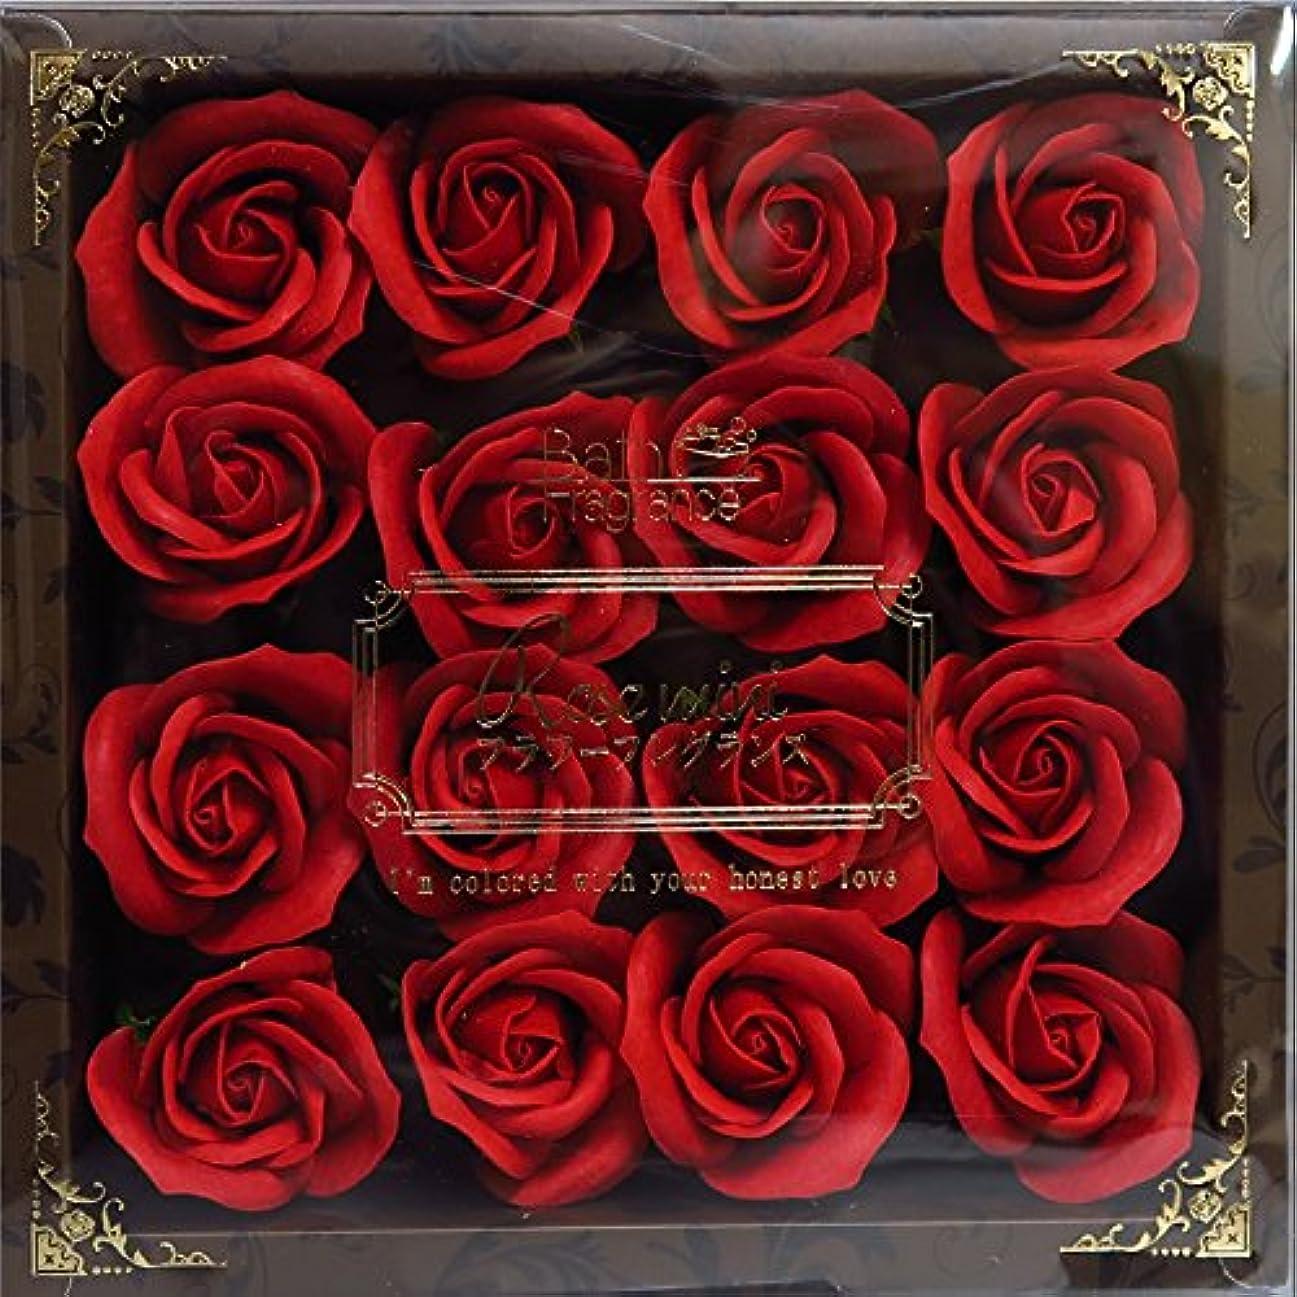 悔い改めドラマ着実にバスフレグランス バスフラワー ミニローズフレグランス(M)レッド ギフト お花の形の入浴剤 プレゼント ばら